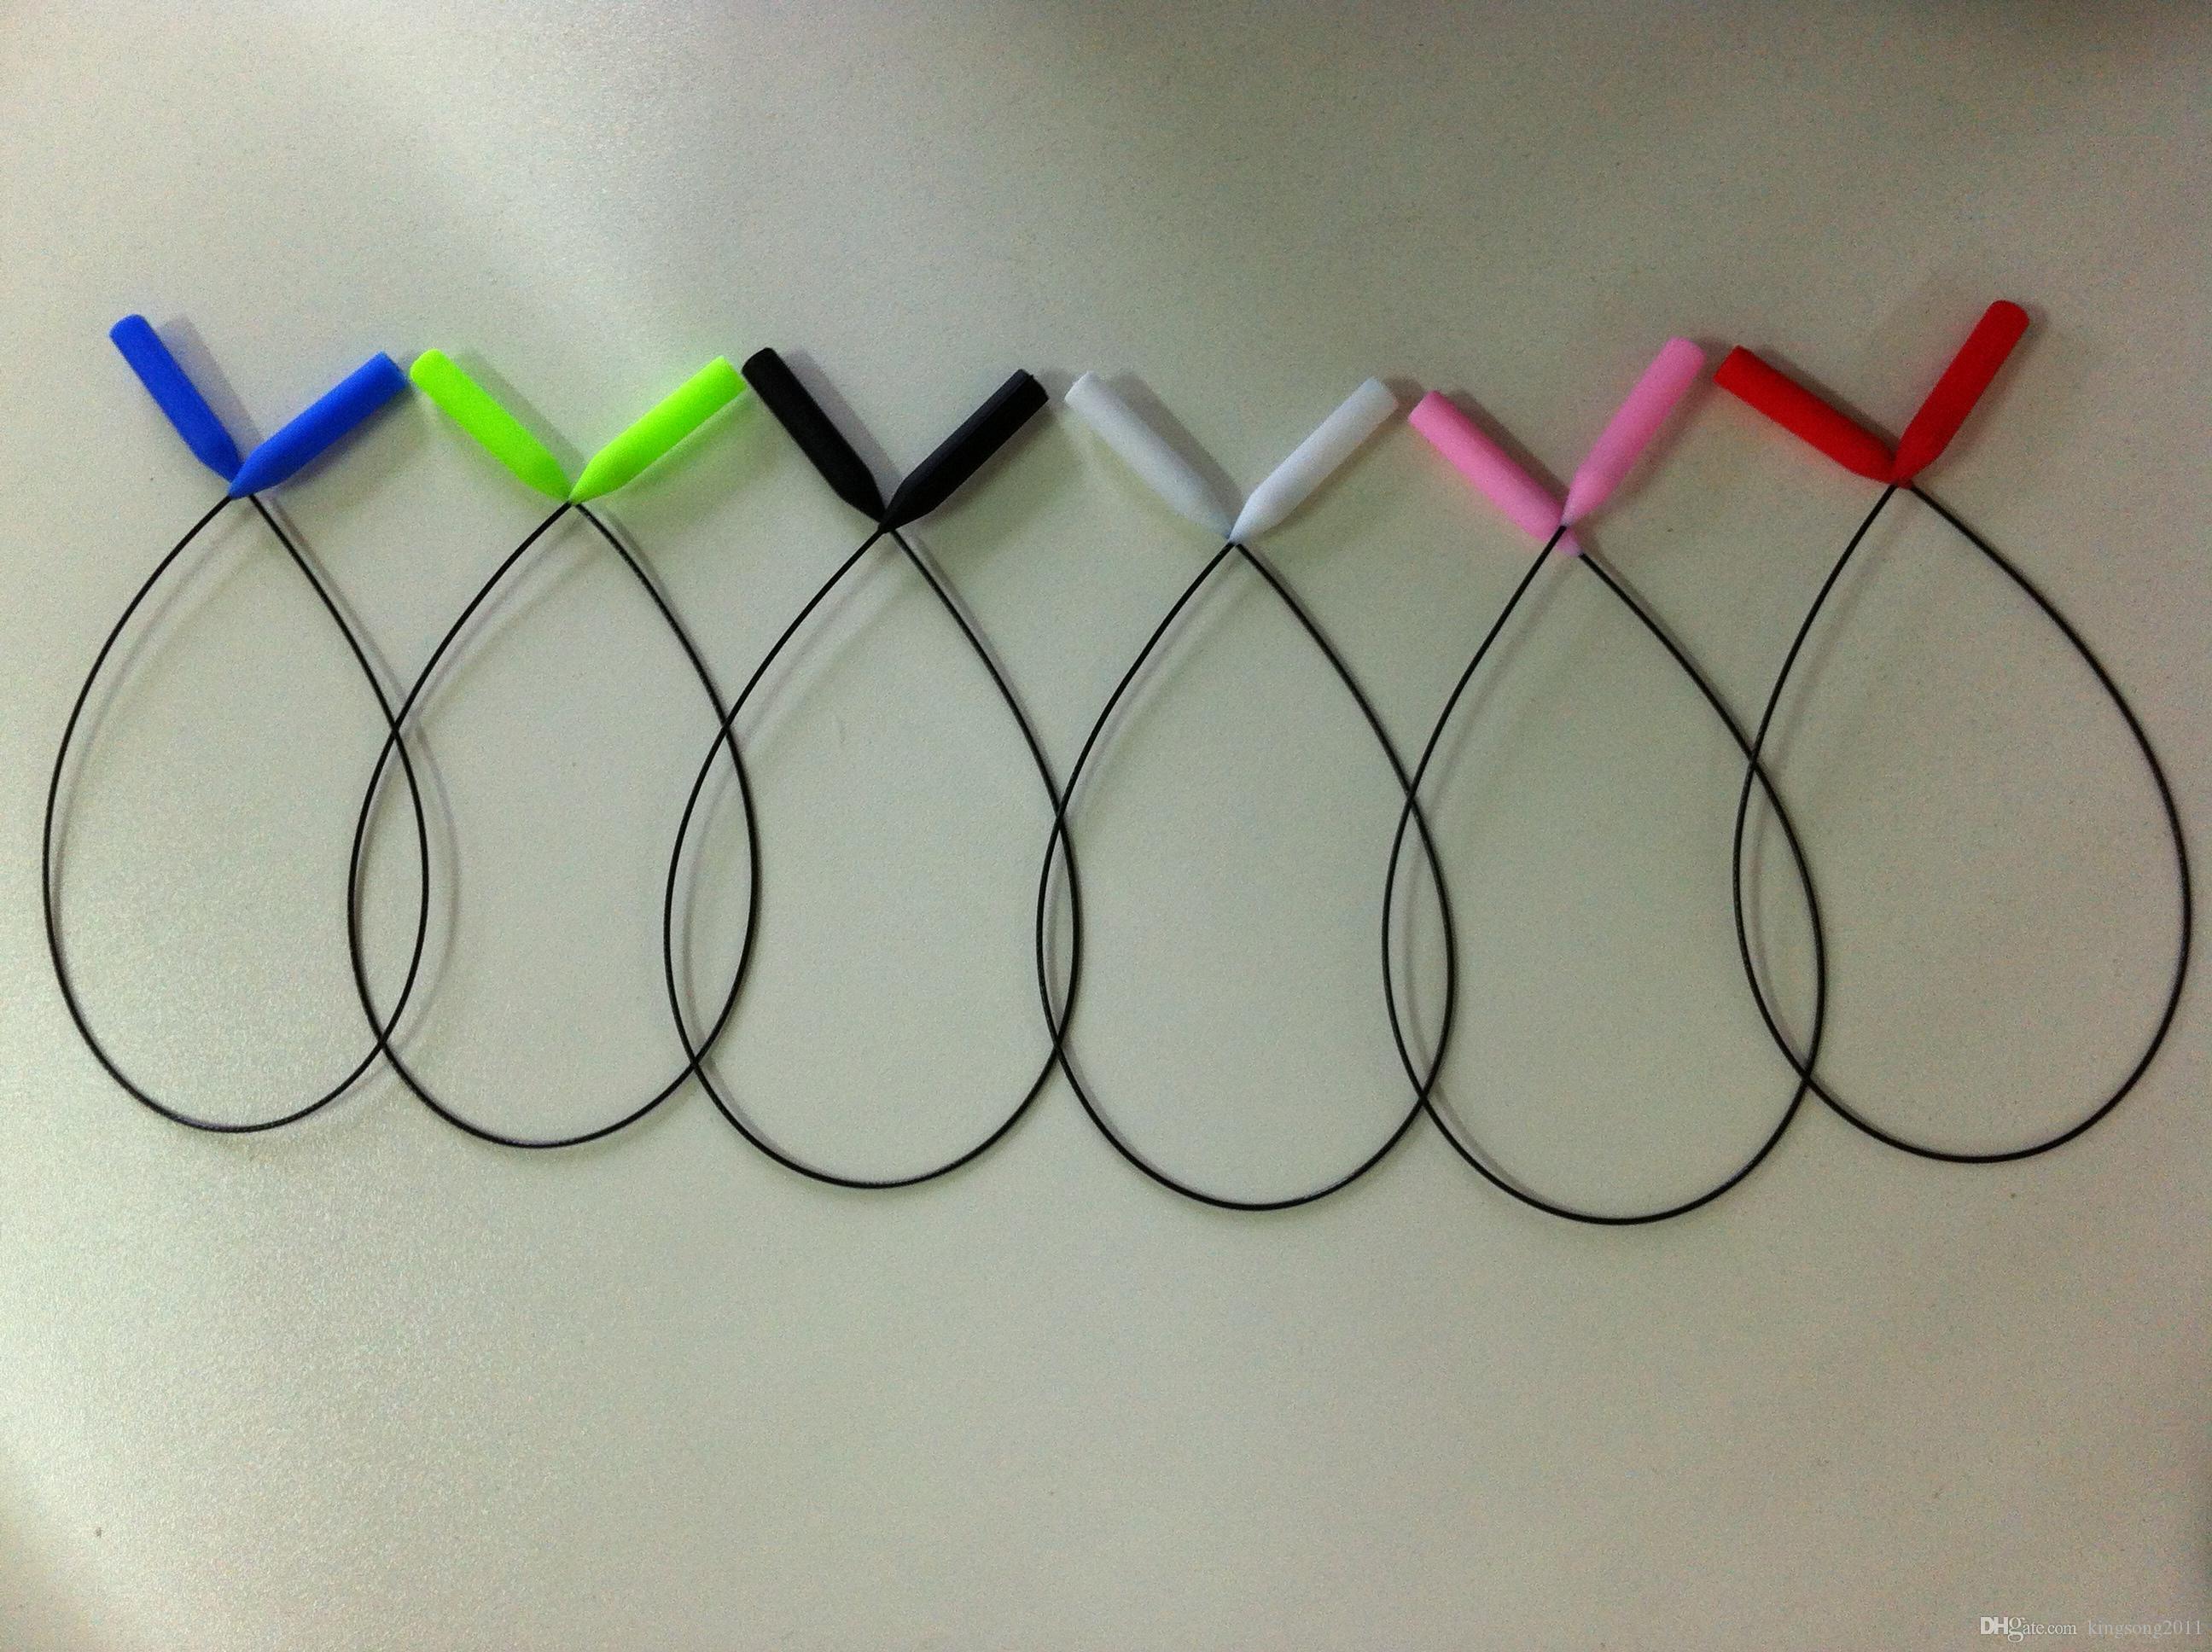 100 pçs / lote ultra fina livre de incômoda luz óculos de óculos óculos óculos de soldador de apoio cabo com redondo Silicone End Dicas Esporte